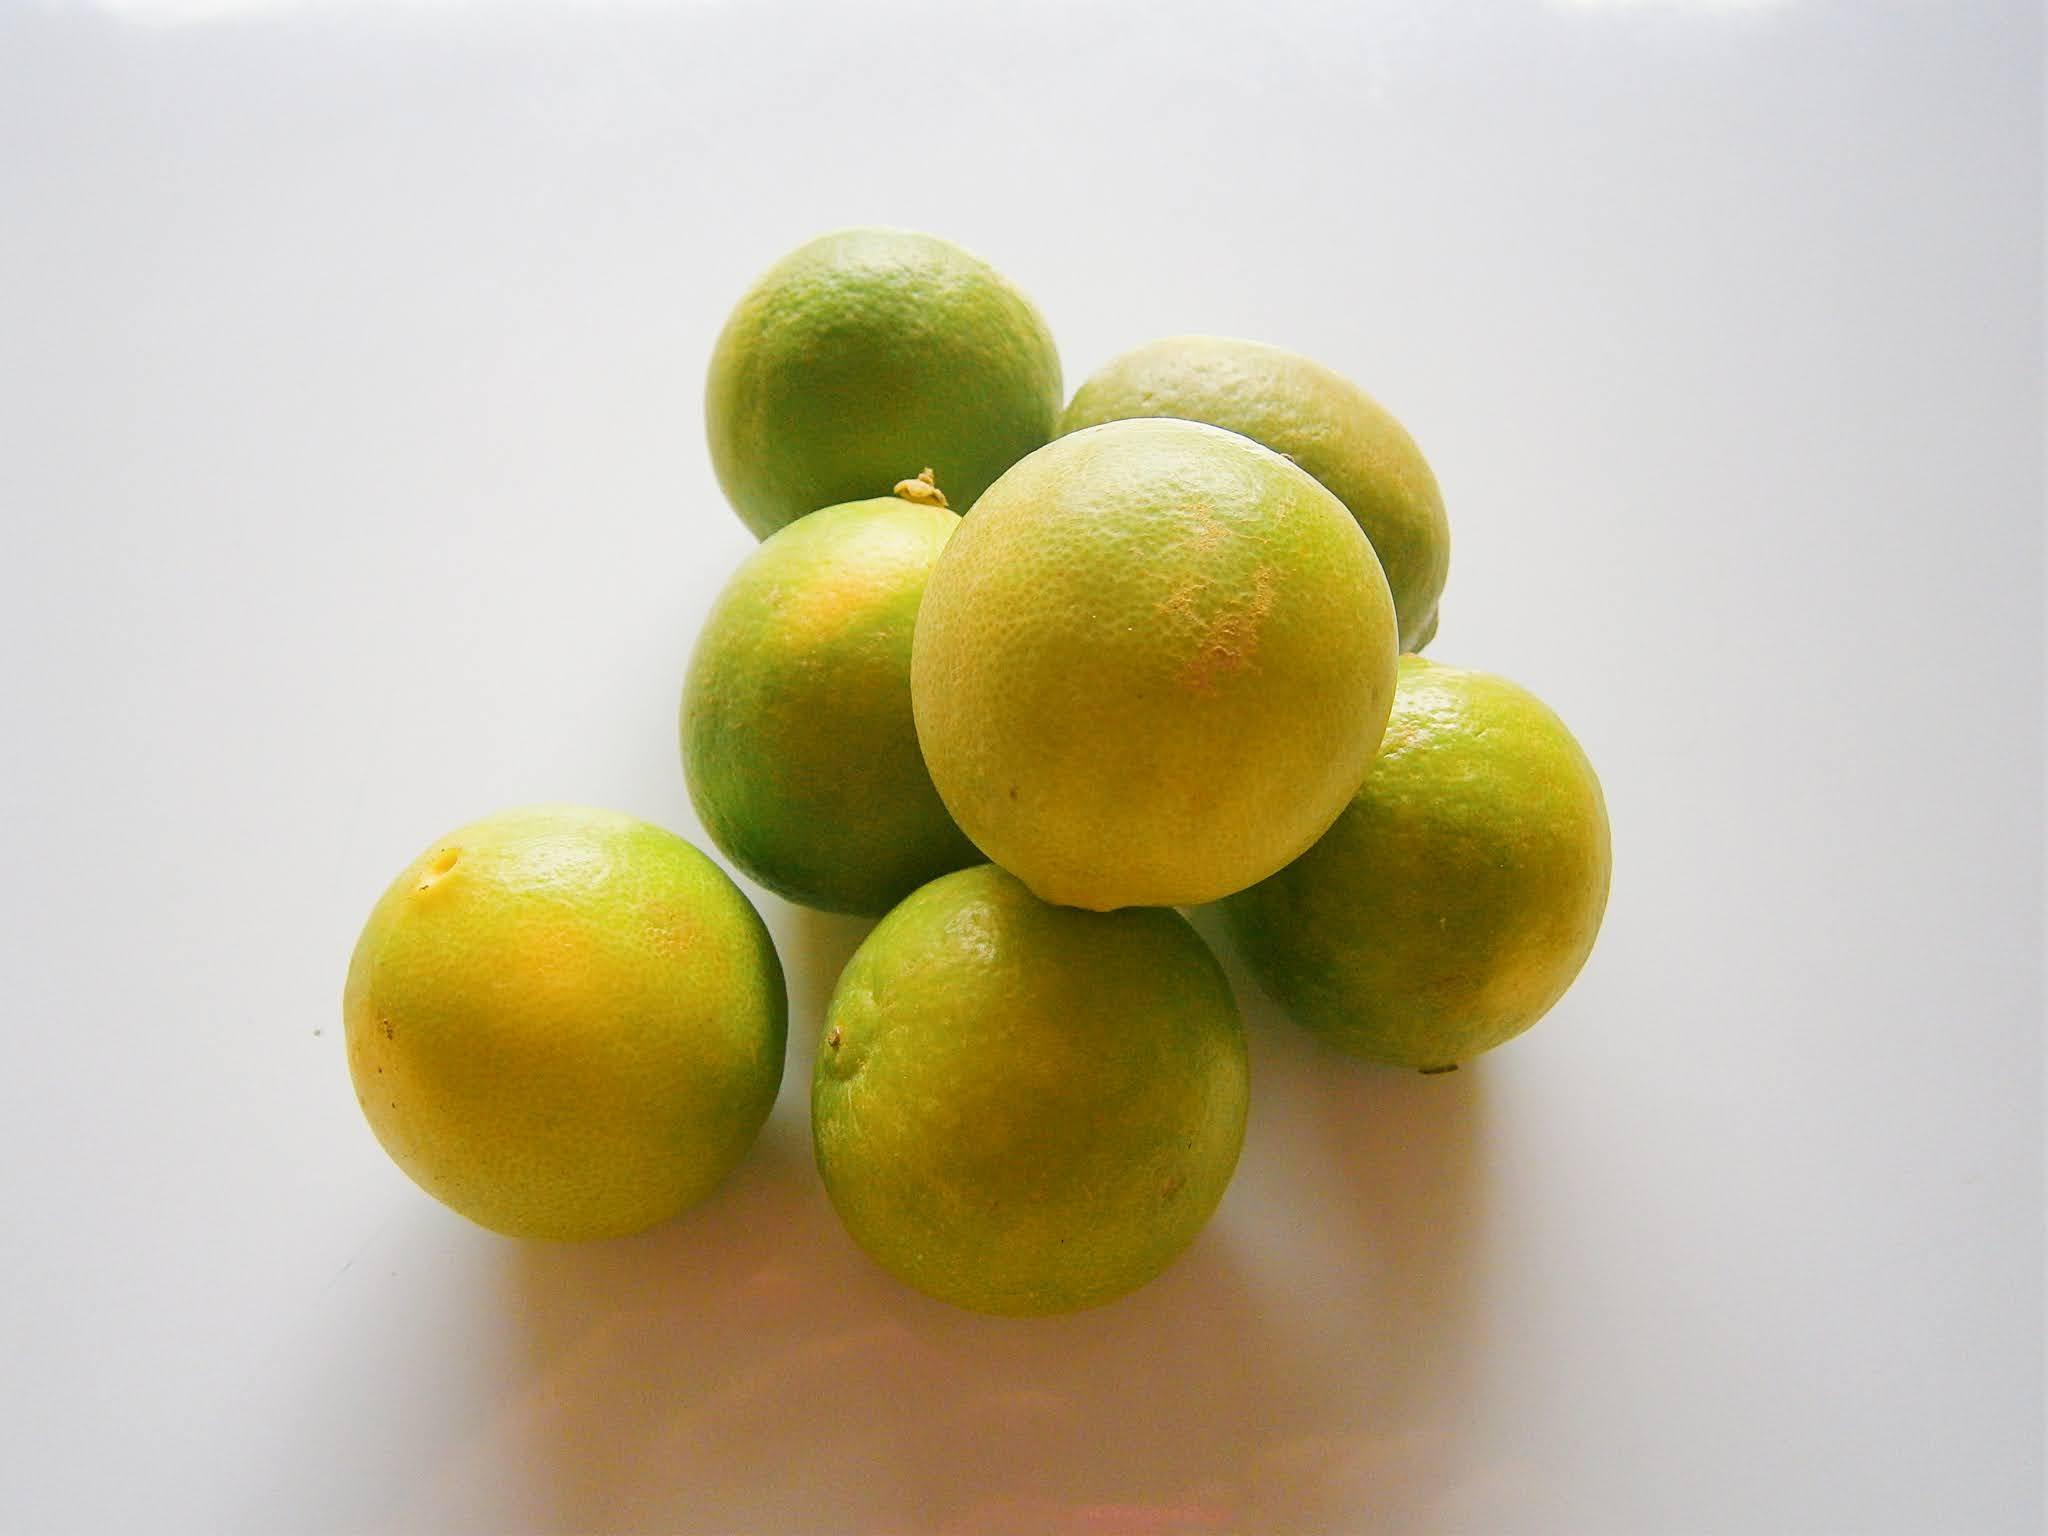 Limones frescos puestos sobre un fondo de color blanco